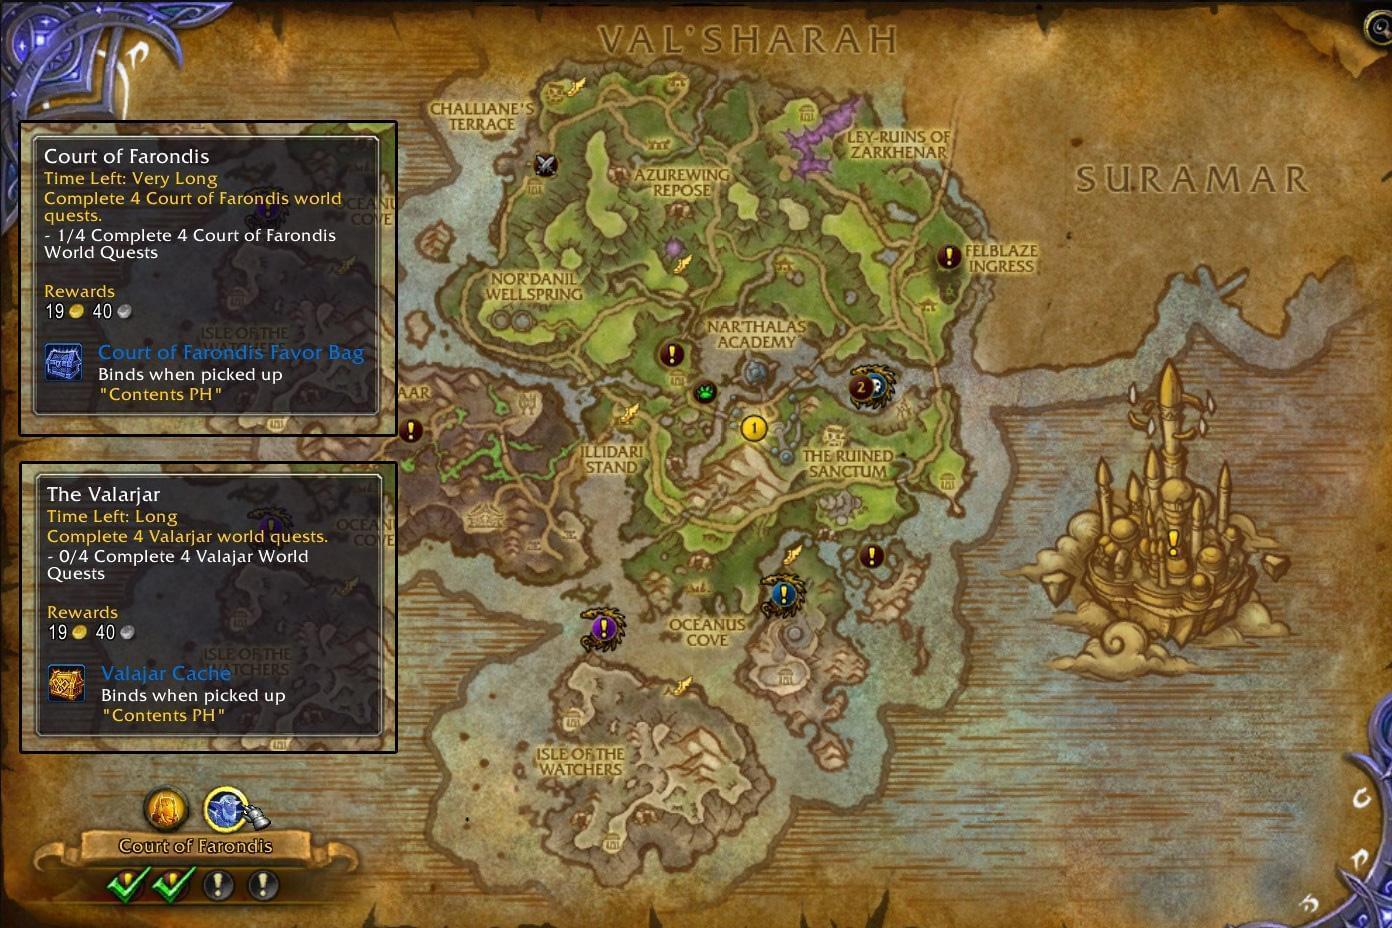 玩家杂谈:德拉诺之王与军团再临哪个版本更加有趣?